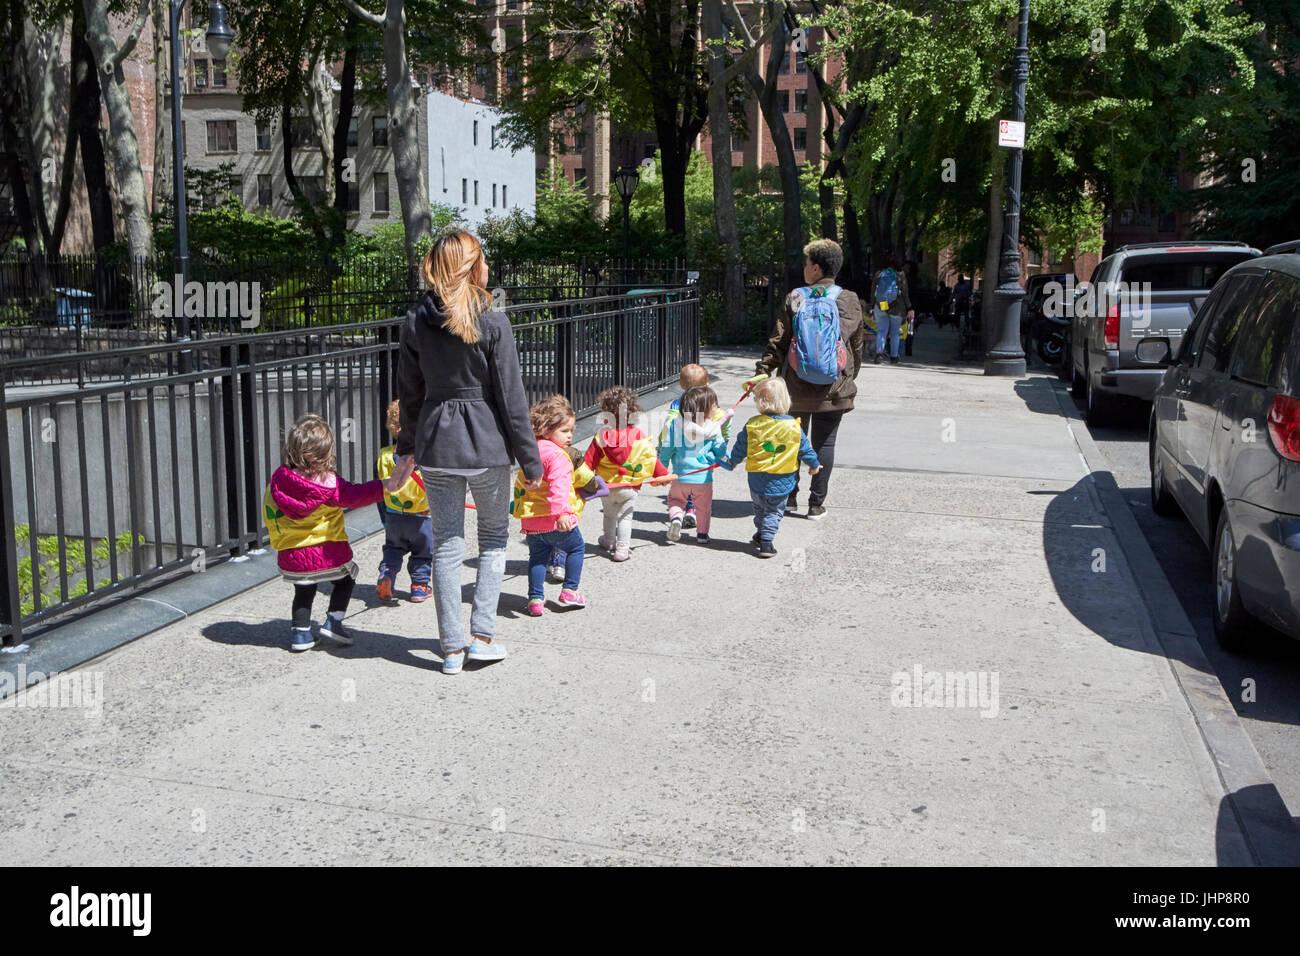 Le donne a piedi i bambini in età prescolare su corda a piedi tudor city new york stati uniti d'America Immagini Stock